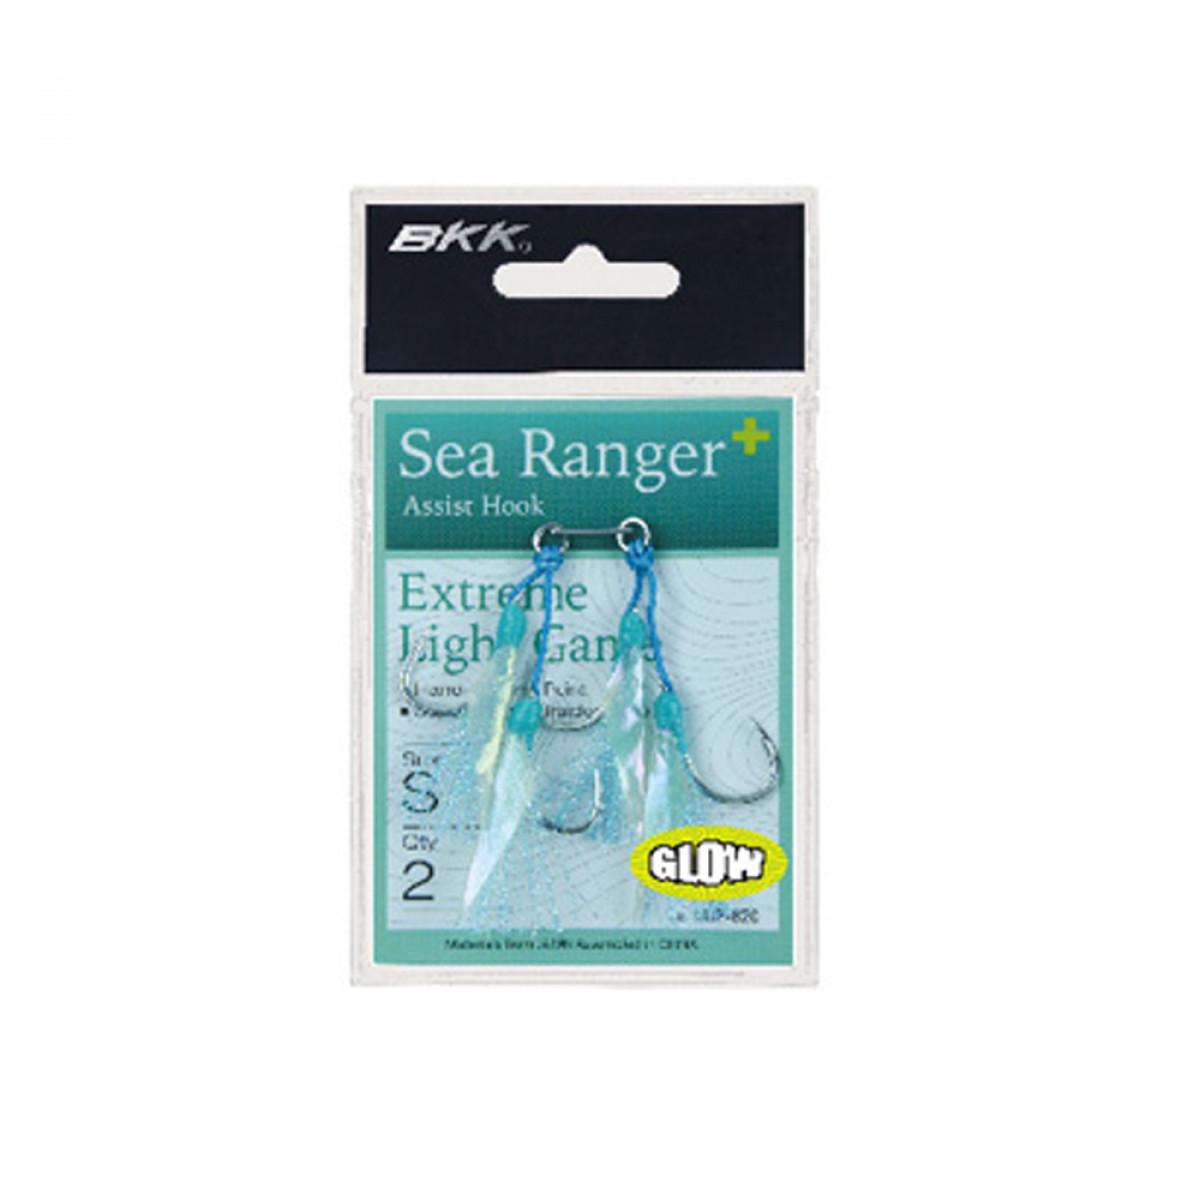 Sea Ranger+